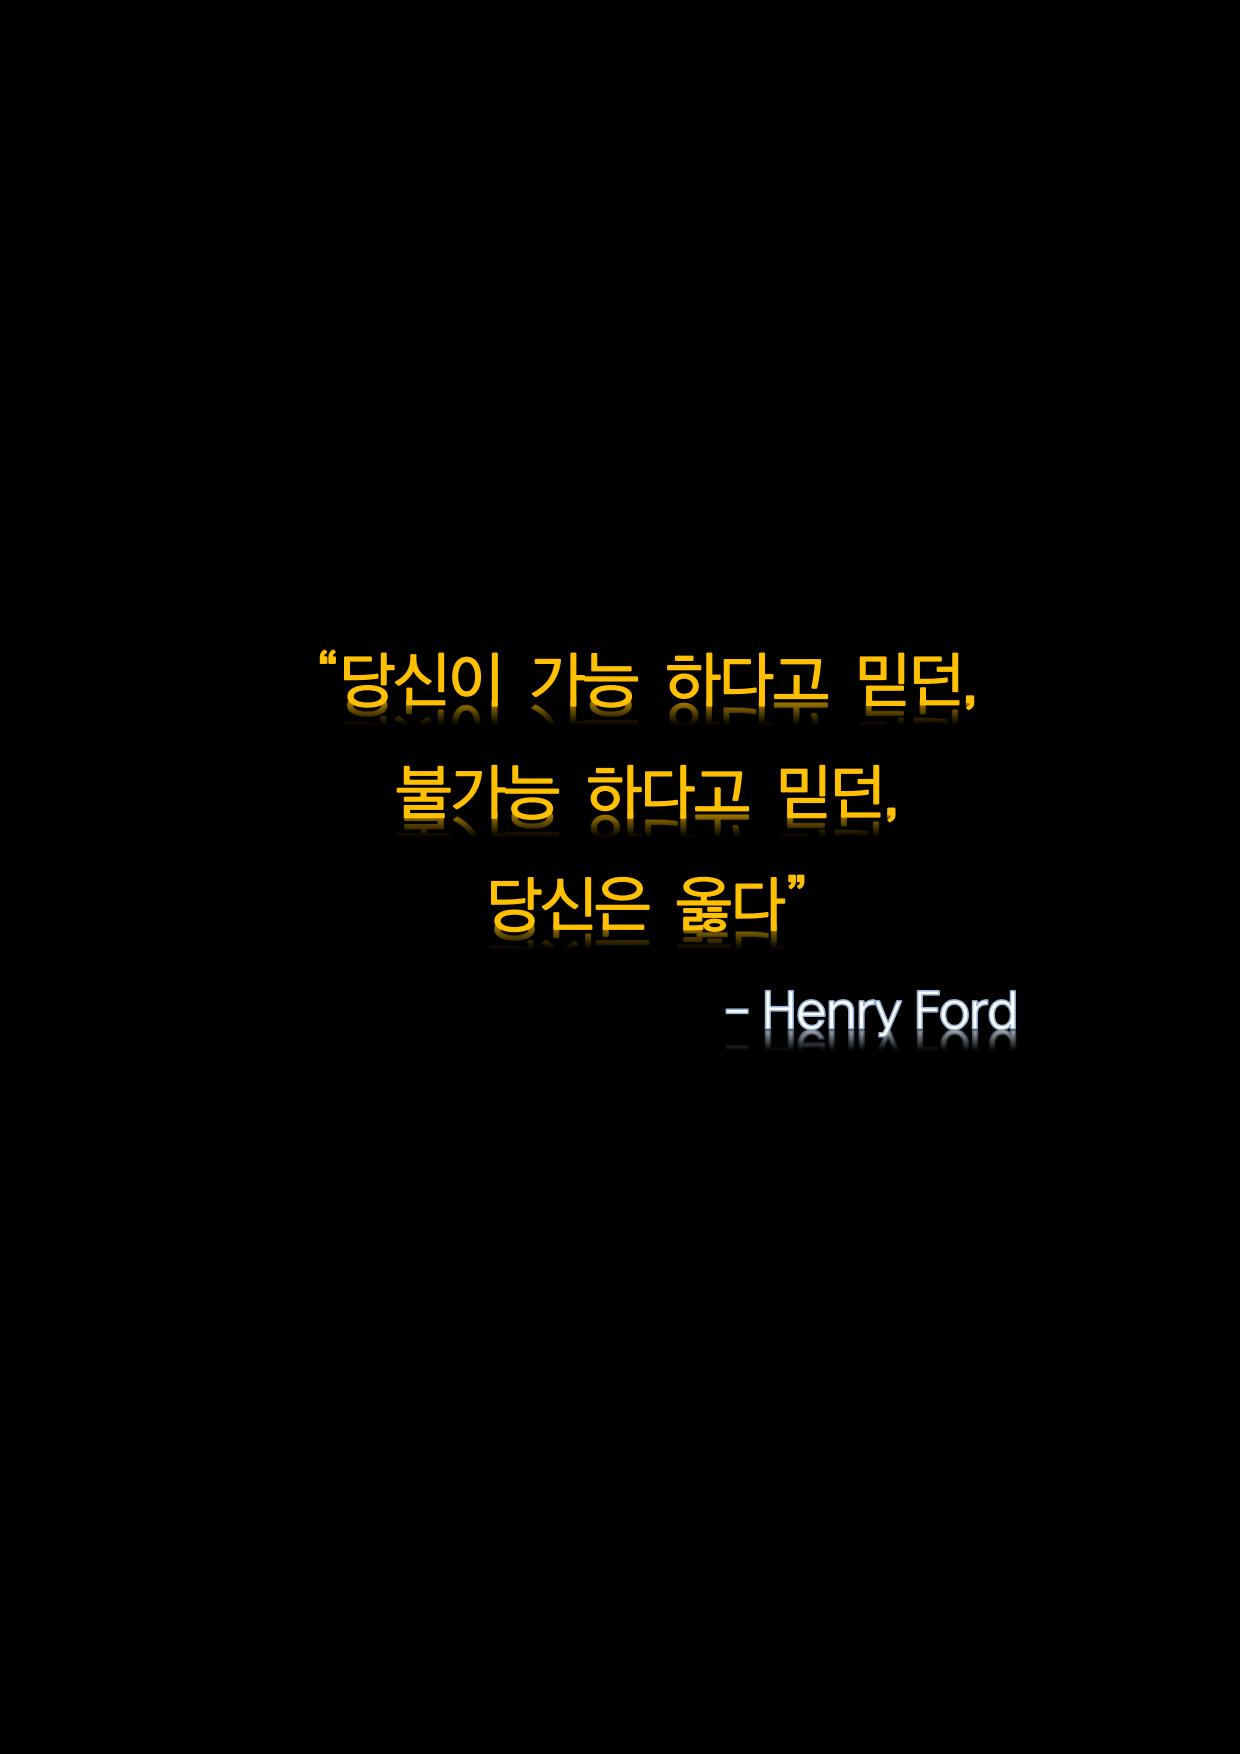 본 머티리어 1회차 홍보글(폰트 포함)_36.png